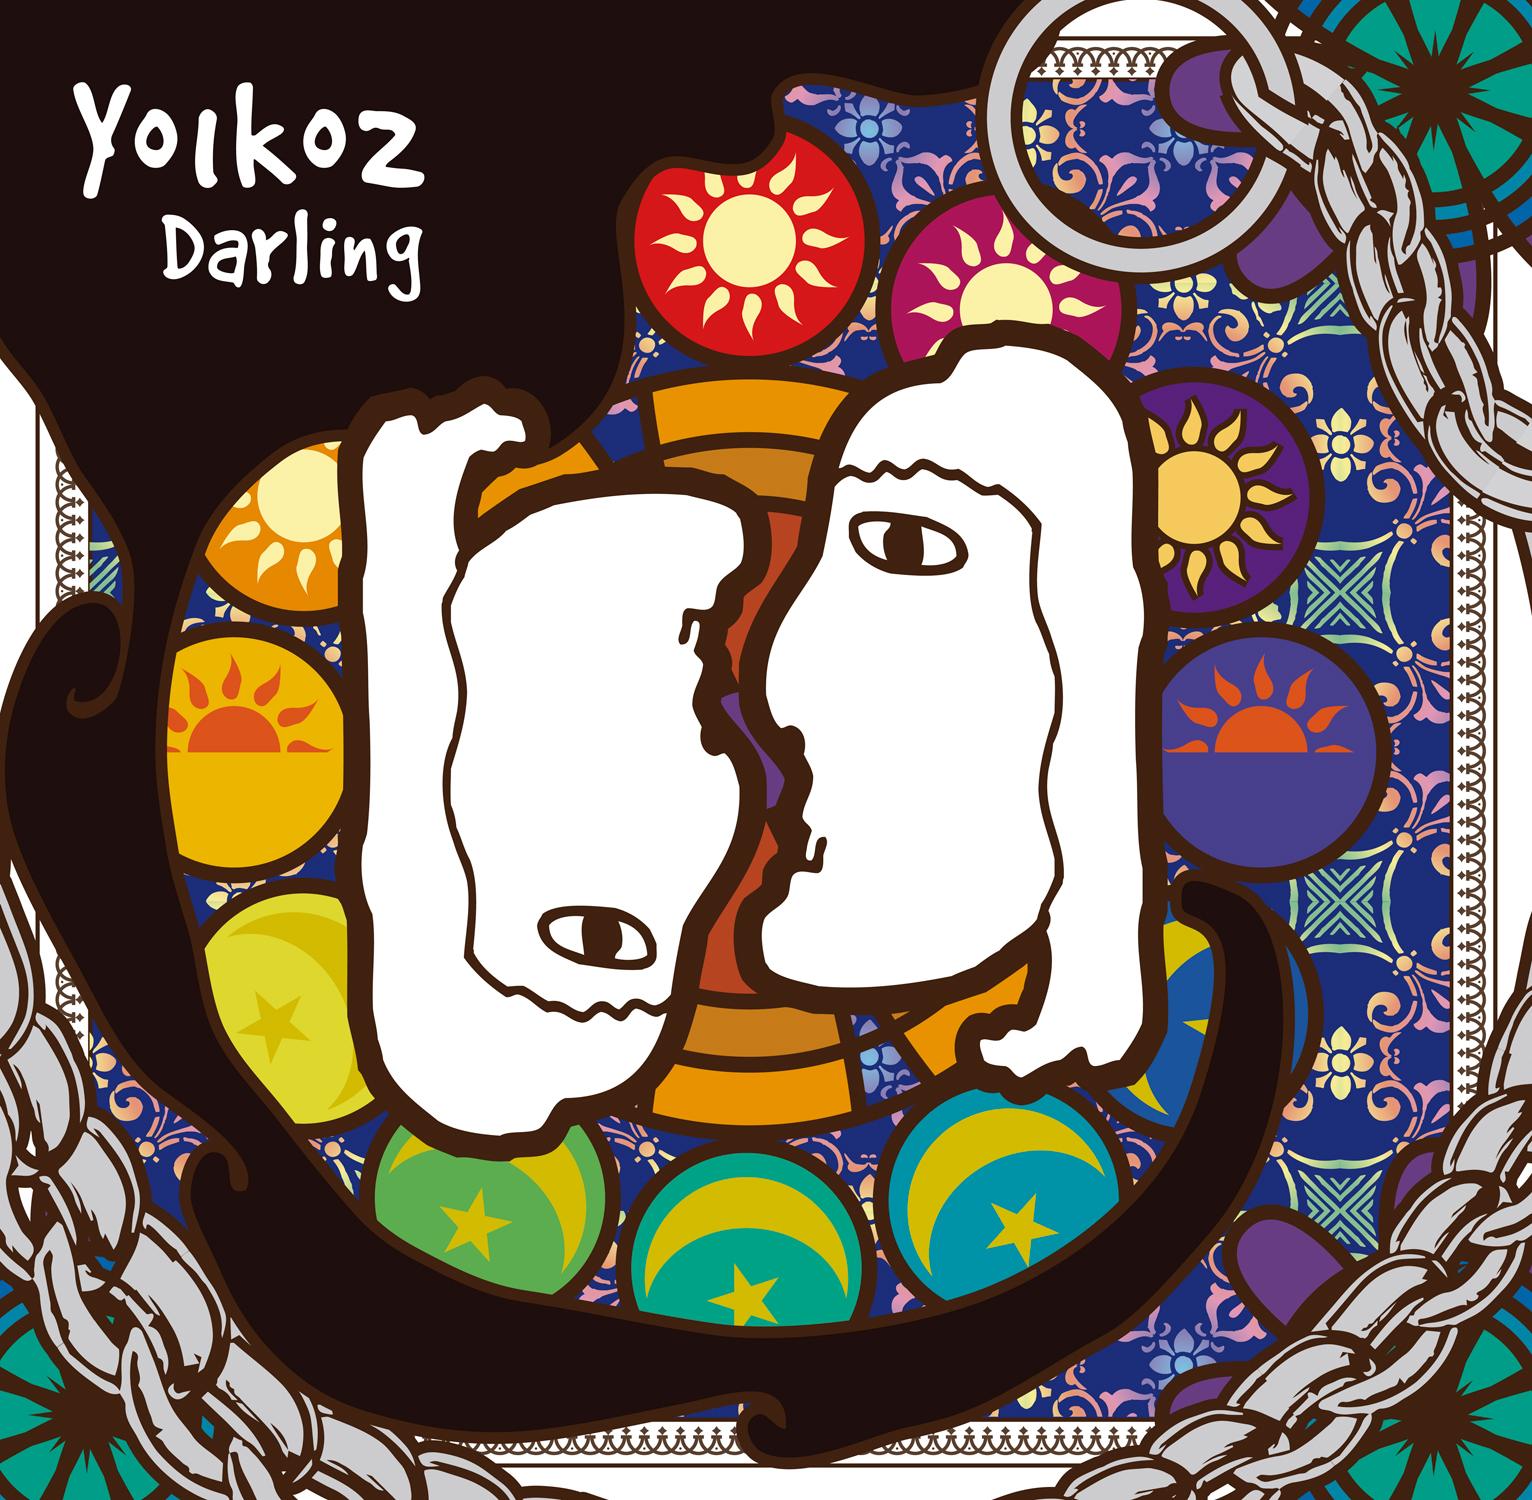 Album Darling 発売再開